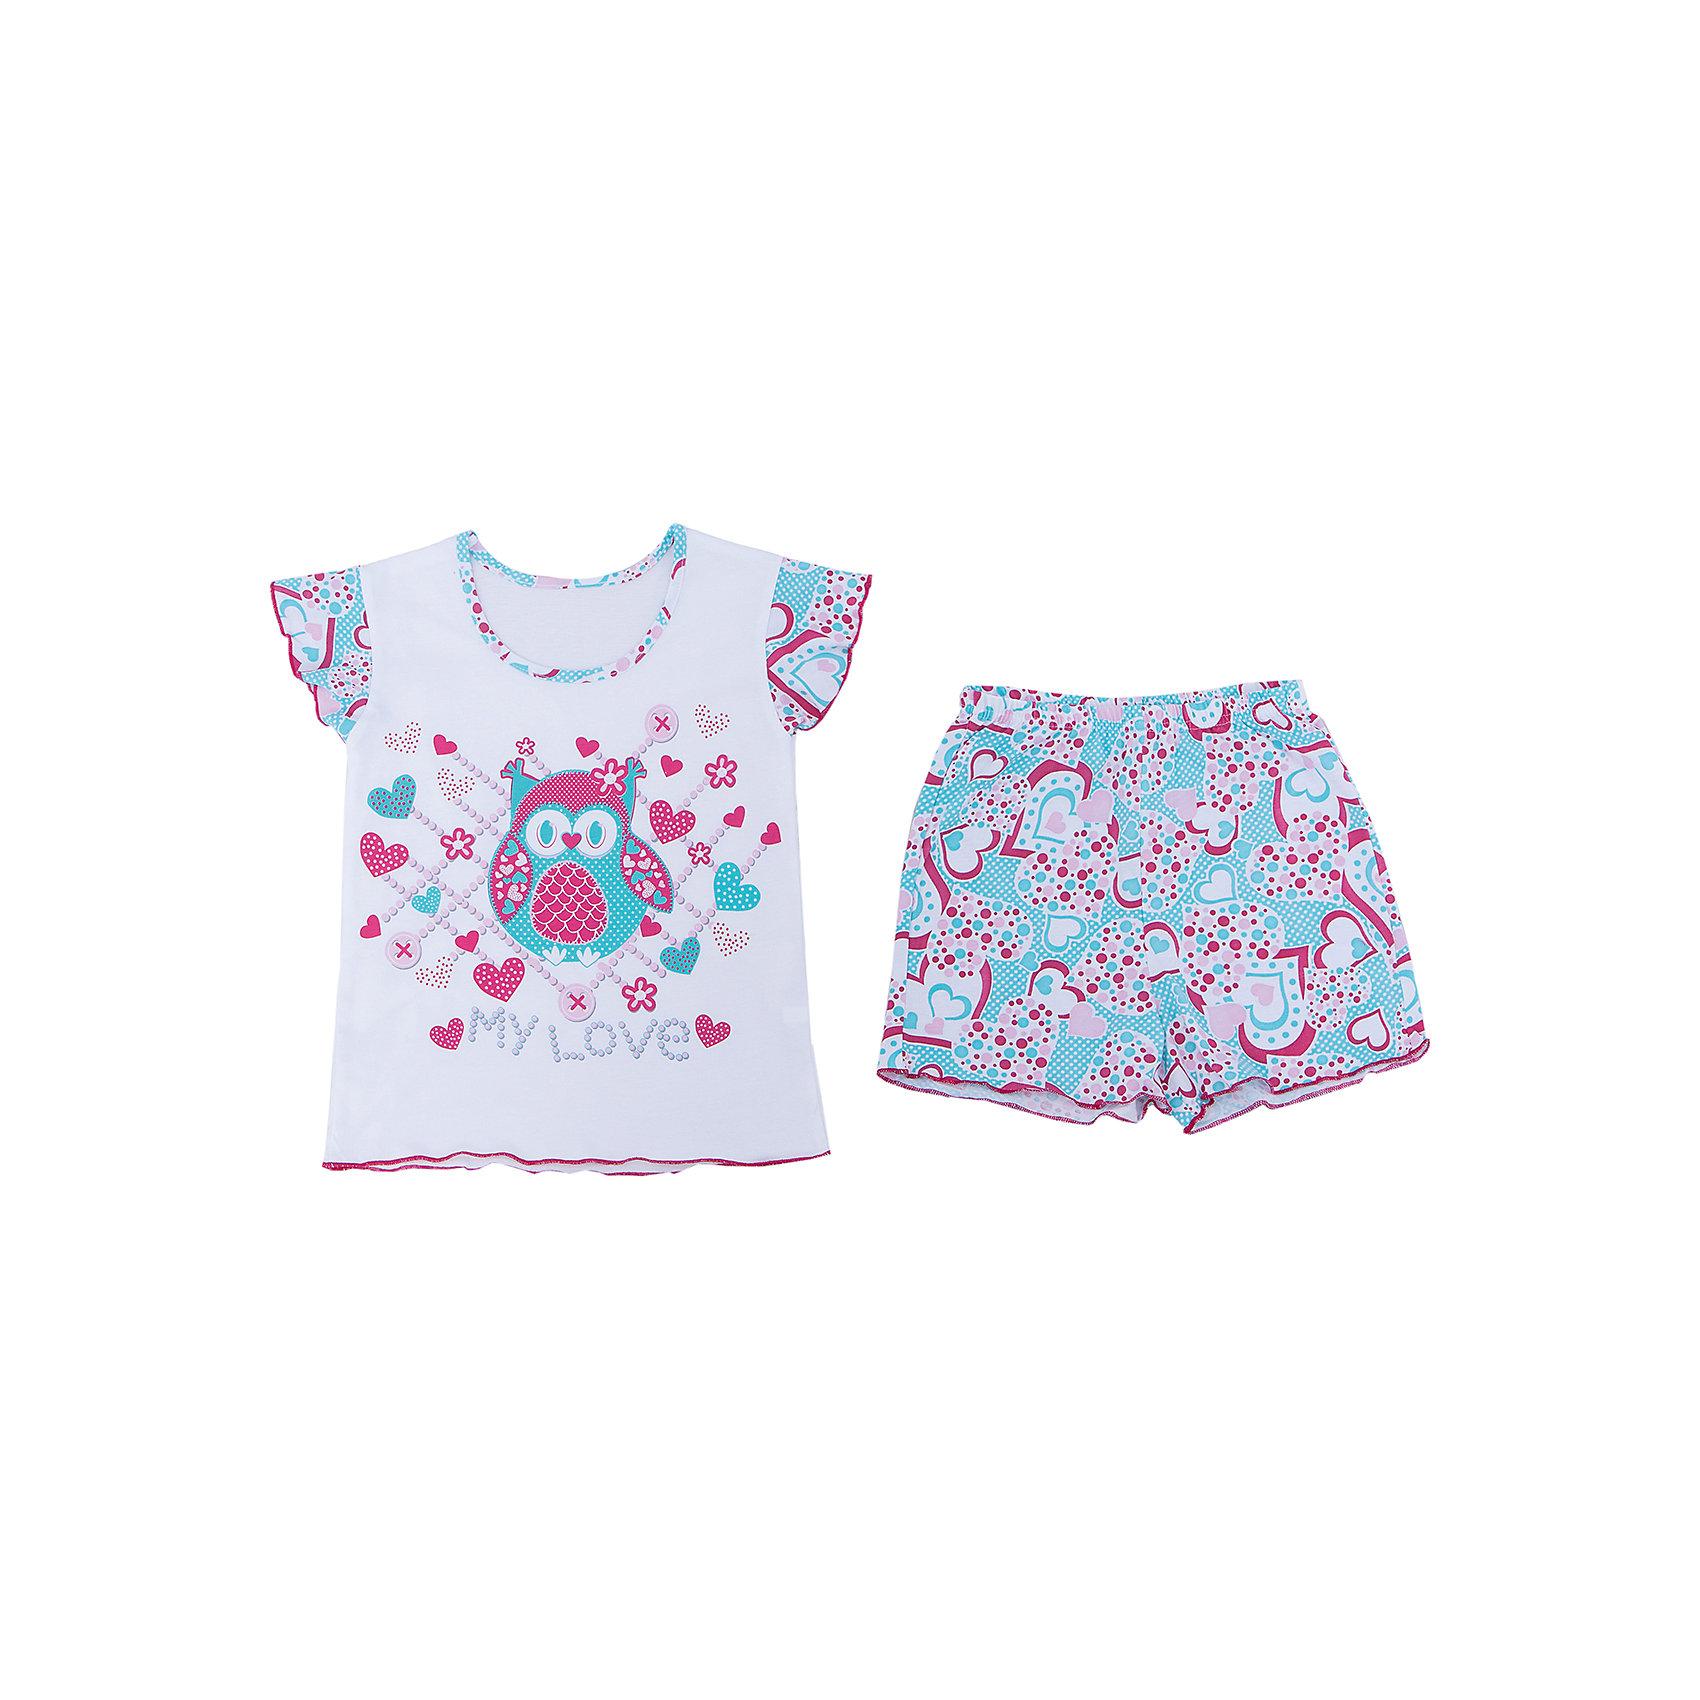 Пижама для девочки АпрельПижама для девочки Апрель.<br><br>Характеристики:<br>• состав: 100% хлопок<br>• цвет: белый/голубой<br><br>Пижама для девочки от известной марки Апрель выполнена из мягкого хлопка, который подарит комфорт во время сна. Шортики и футболка имеют одинаковую расцветку в виде сердечек. Футболка дополнена принтом с изображением совы. Рукава футболки дополнены рюшами. В этой пижаме девочка увидит самые прекрасные сны!<br><br>Пижаму для девочки Апрель вы можете купить в нашем интернет-магазине.<br><br>Ширина мм: 281<br>Глубина мм: 70<br>Высота мм: 188<br>Вес г: 295<br>Цвет: белый/голубой<br>Возраст от месяцев: 36<br>Возраст до месяцев: 48<br>Пол: Женский<br>Возраст: Детский<br>Размер: 104,128,122,116,110<br>SKU: 4936752